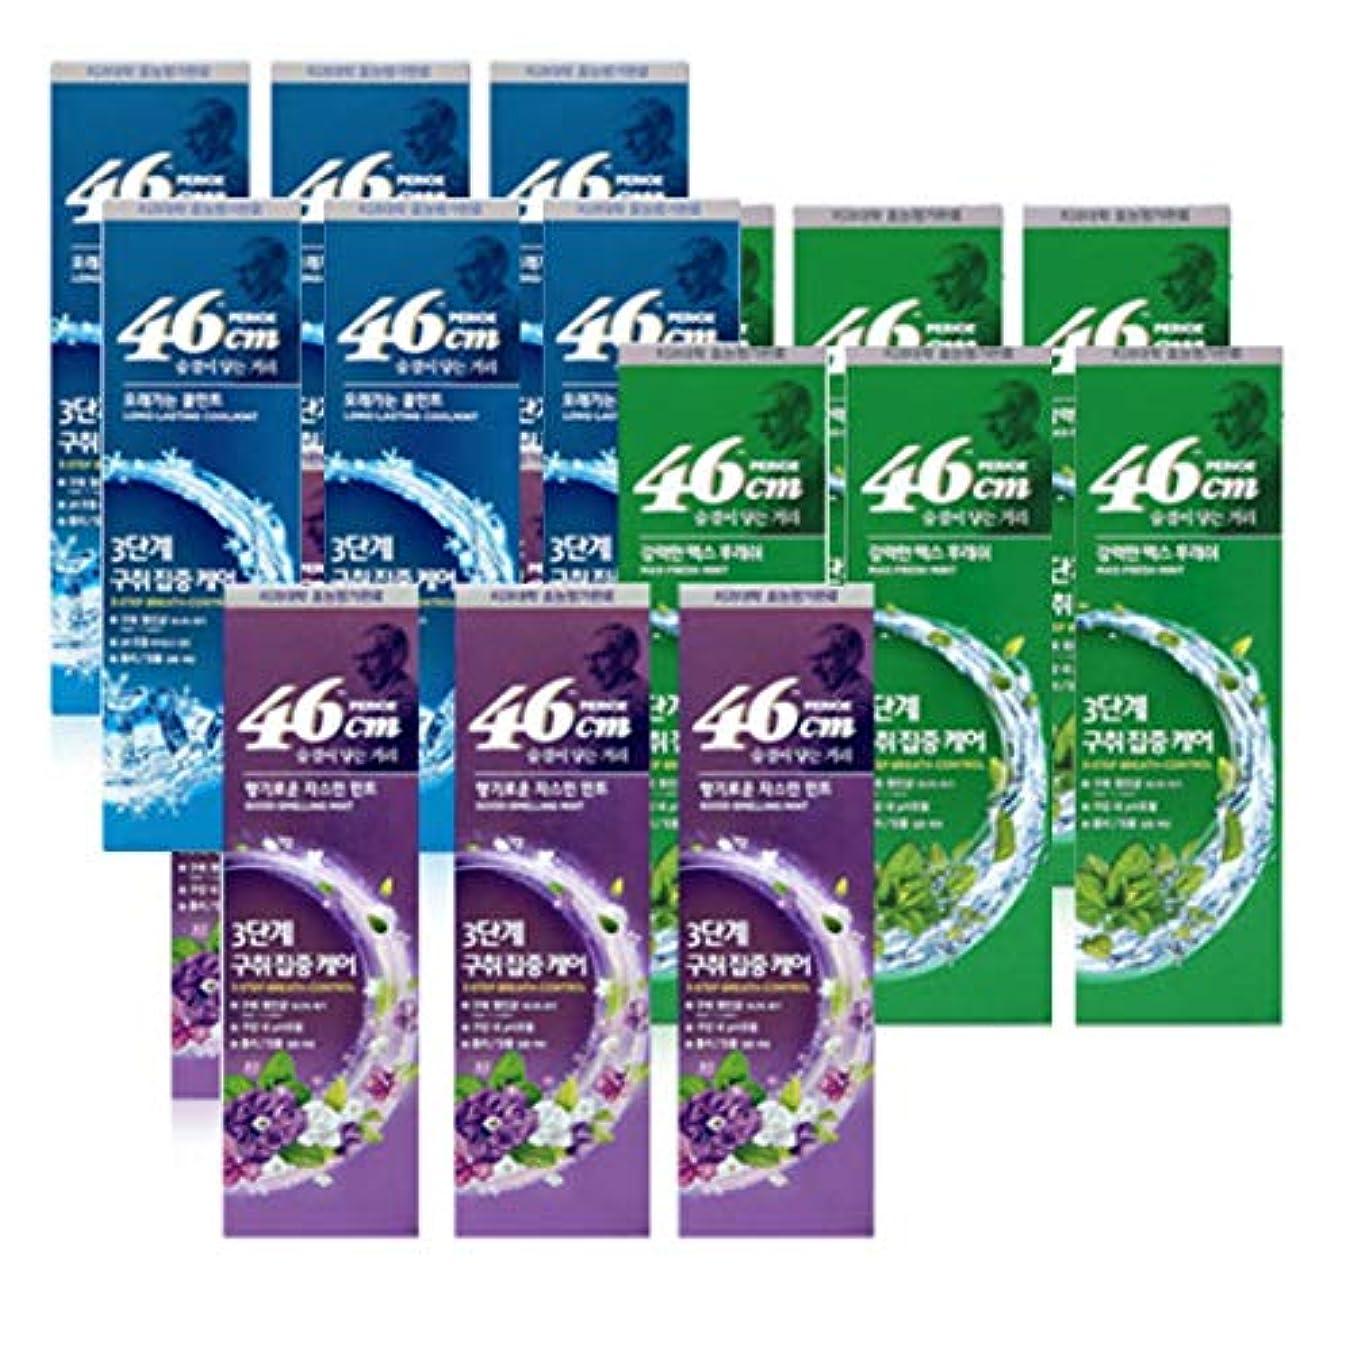 同級生ブラザー狭い[LG HnB] Perio 46cm toothpaste / ペリオ46cm歯磨き粉 100gx18個(海外直送品)